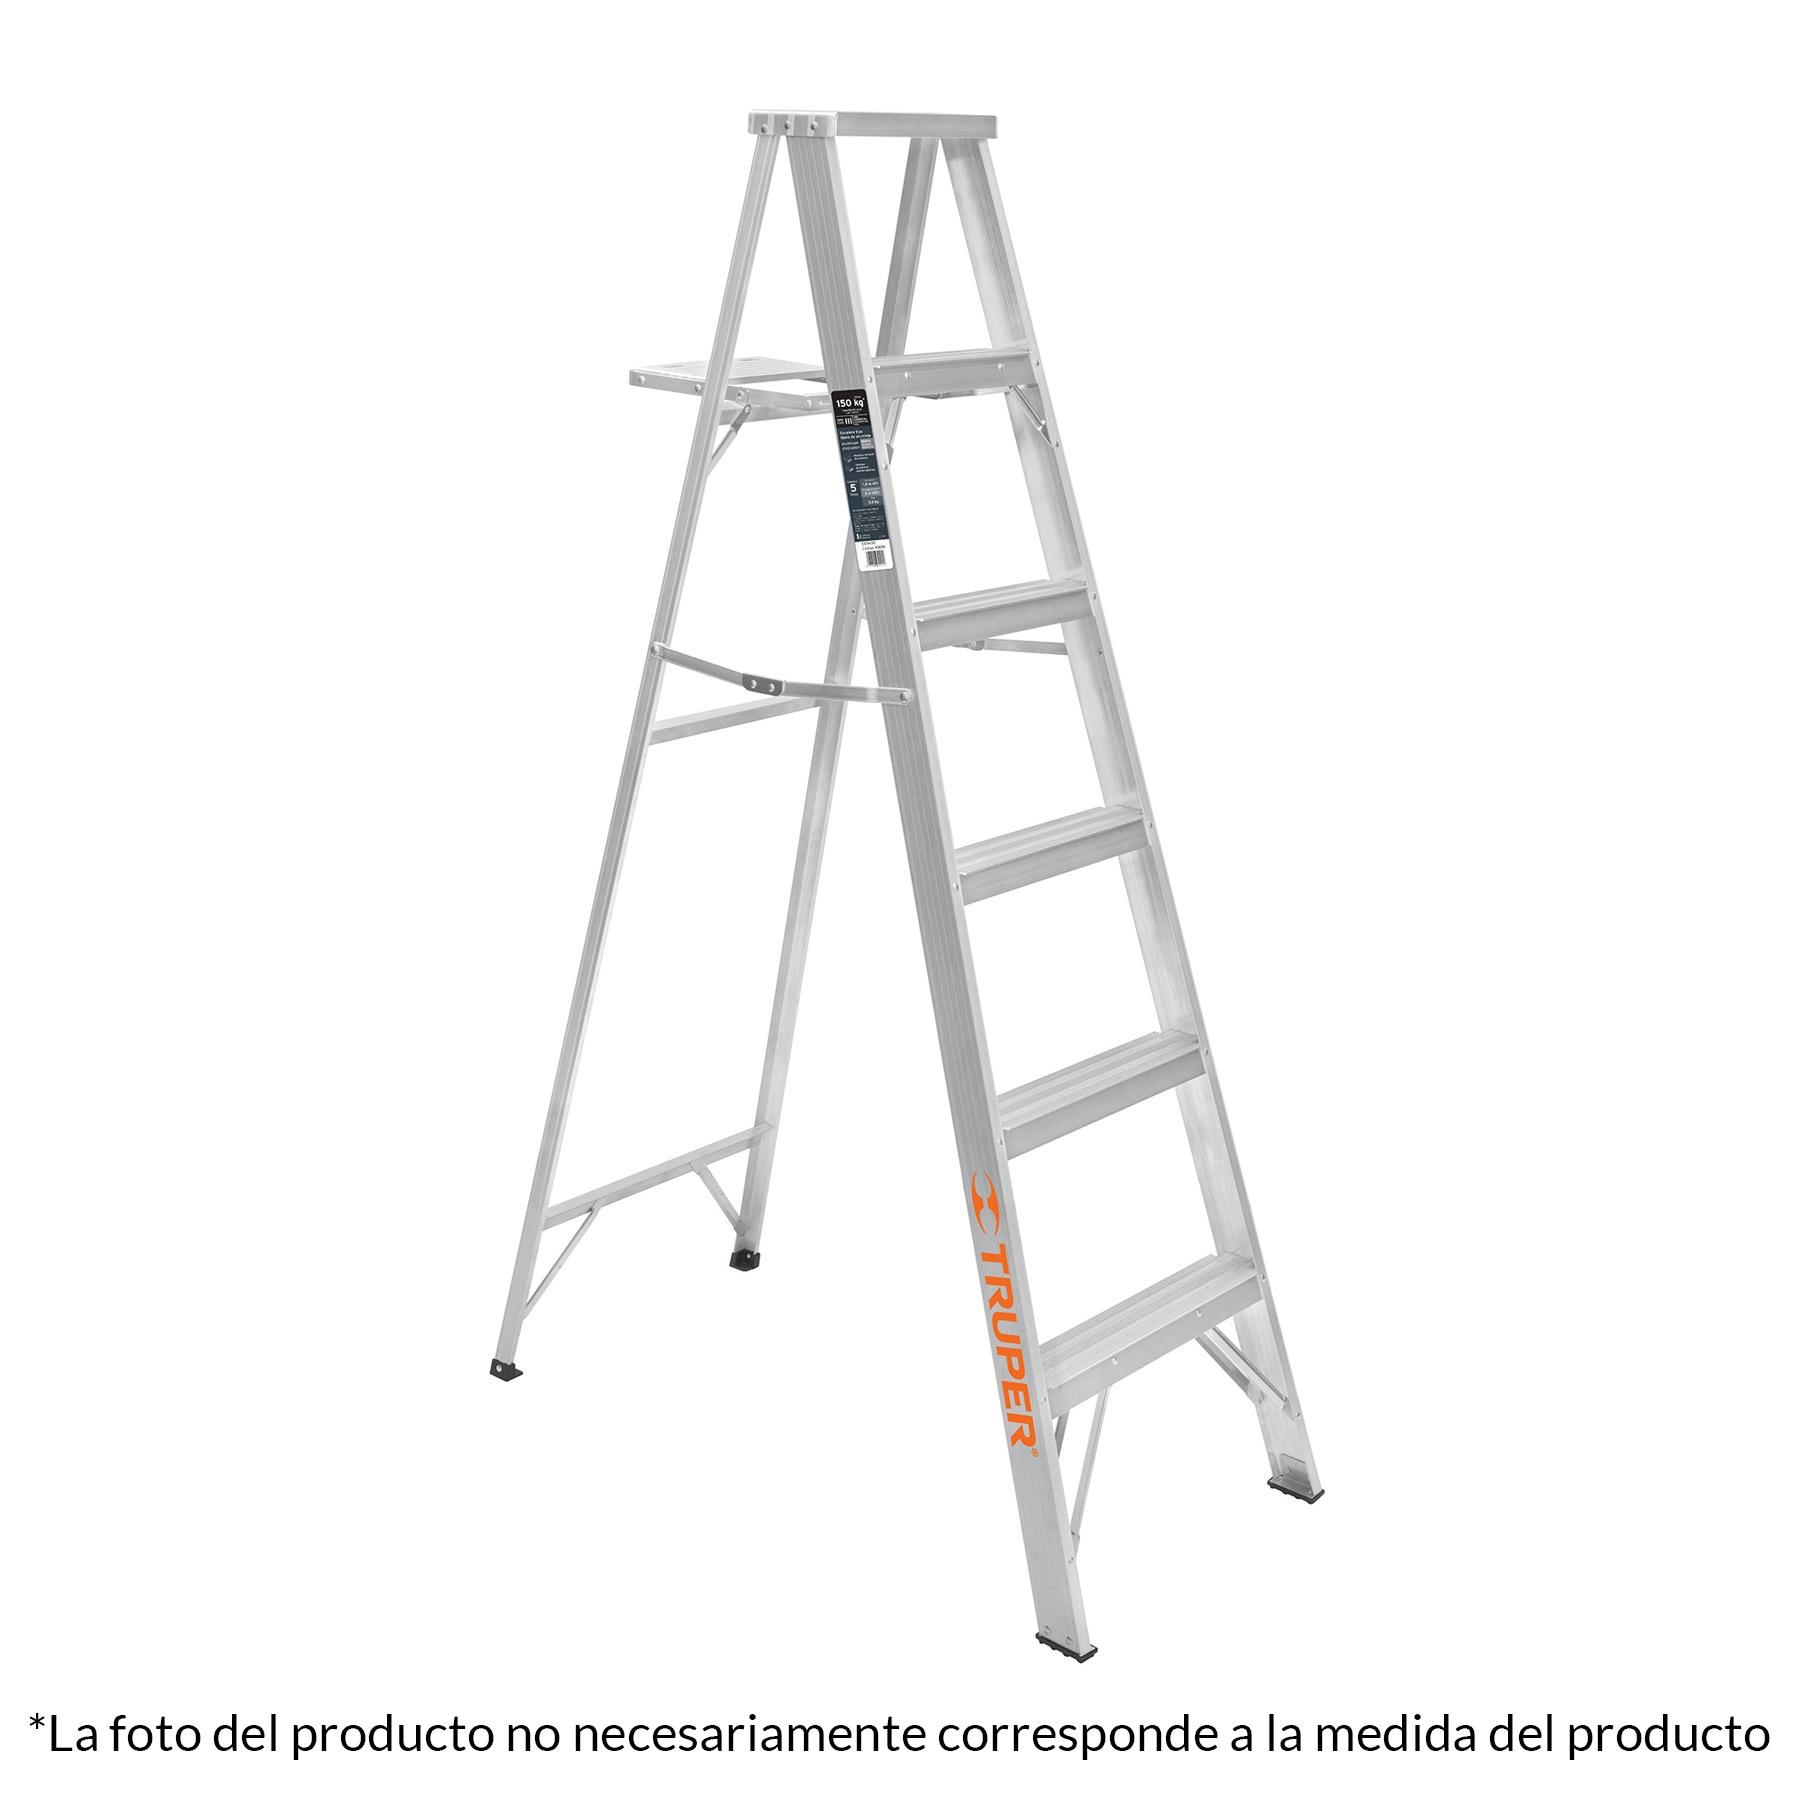 Escalera de tijera, aluminio, tipo lll, 6 escalones